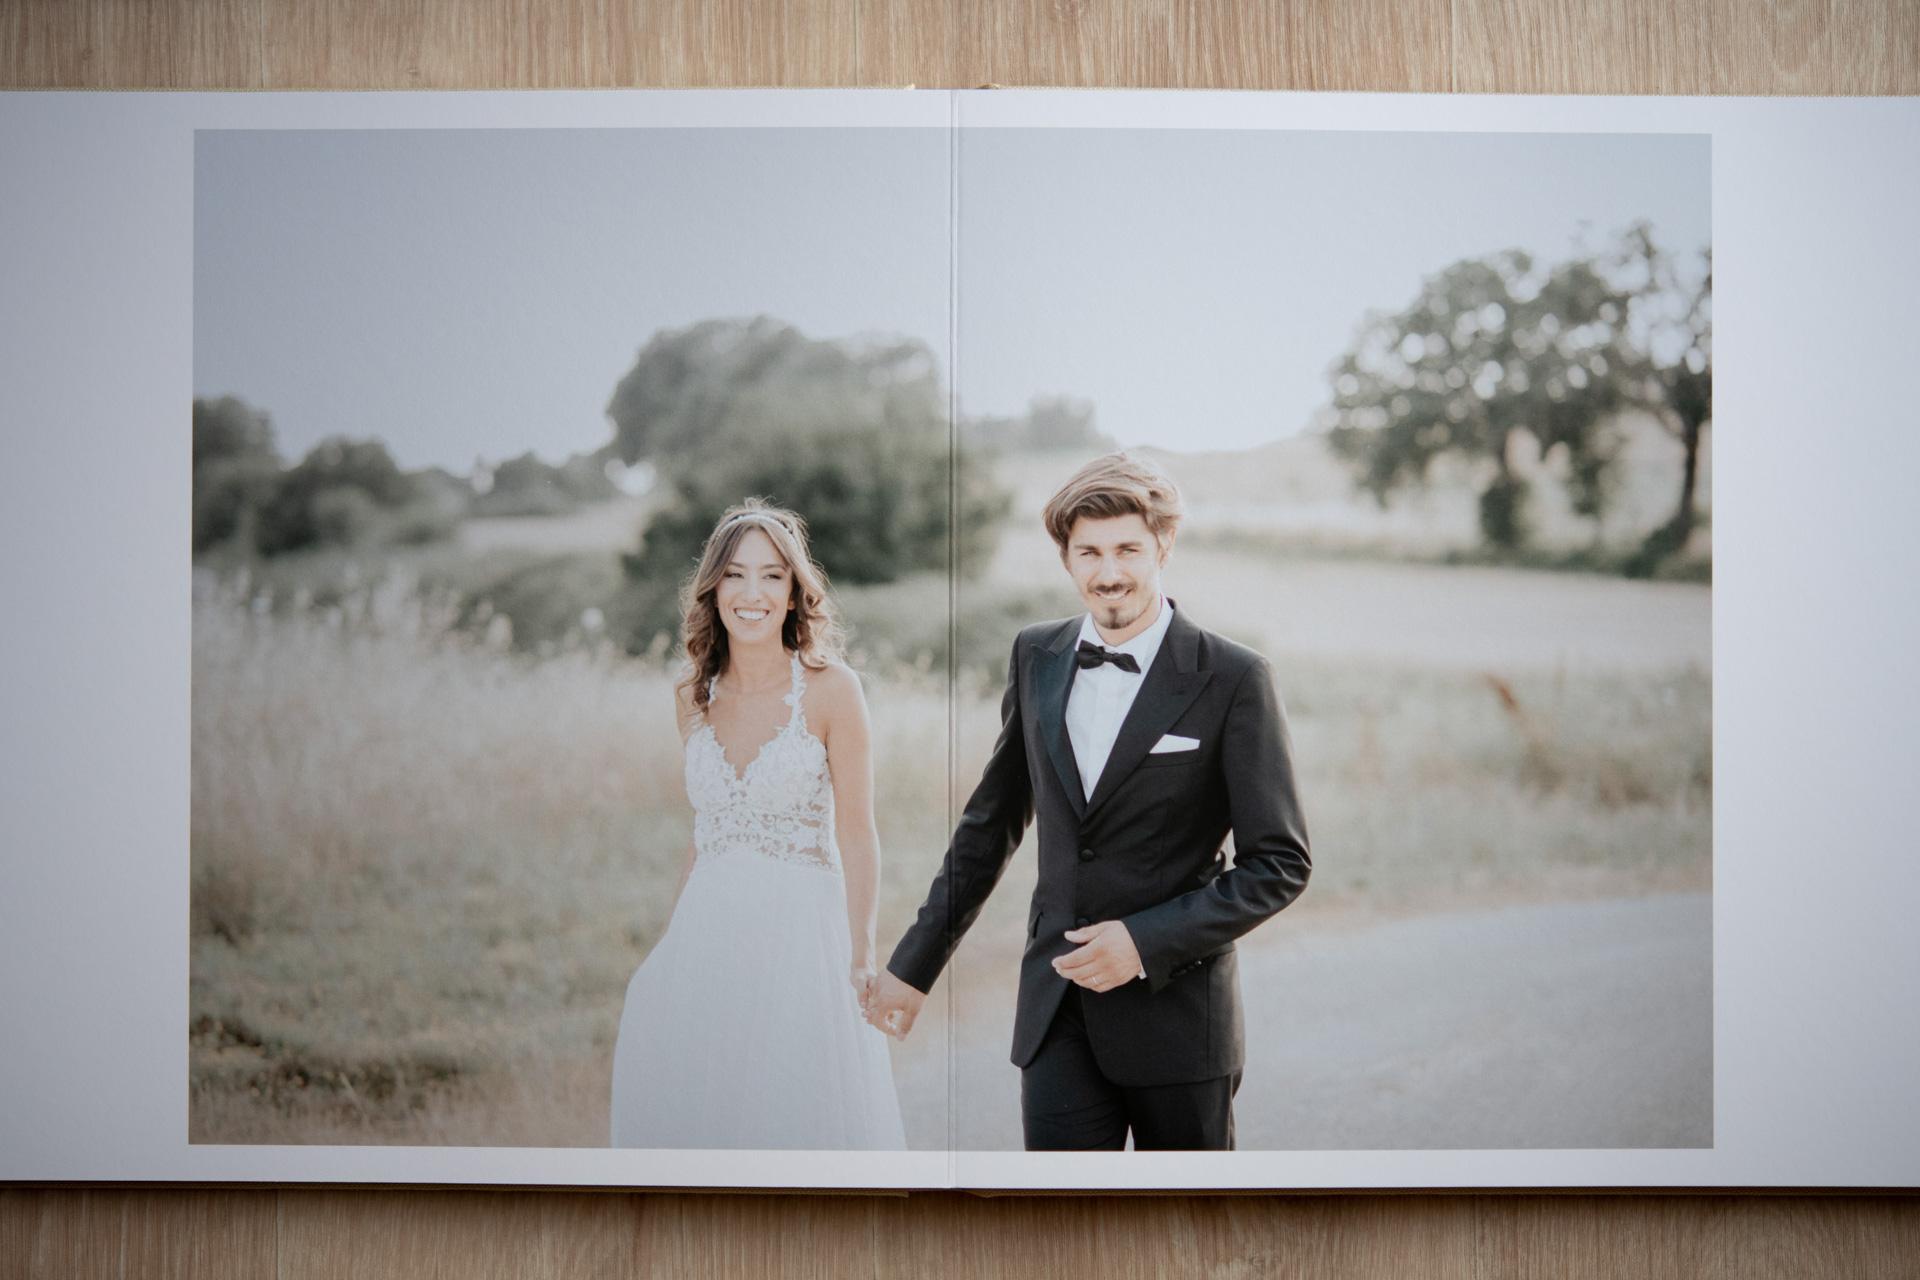 fotografo matrimonio toscana siena